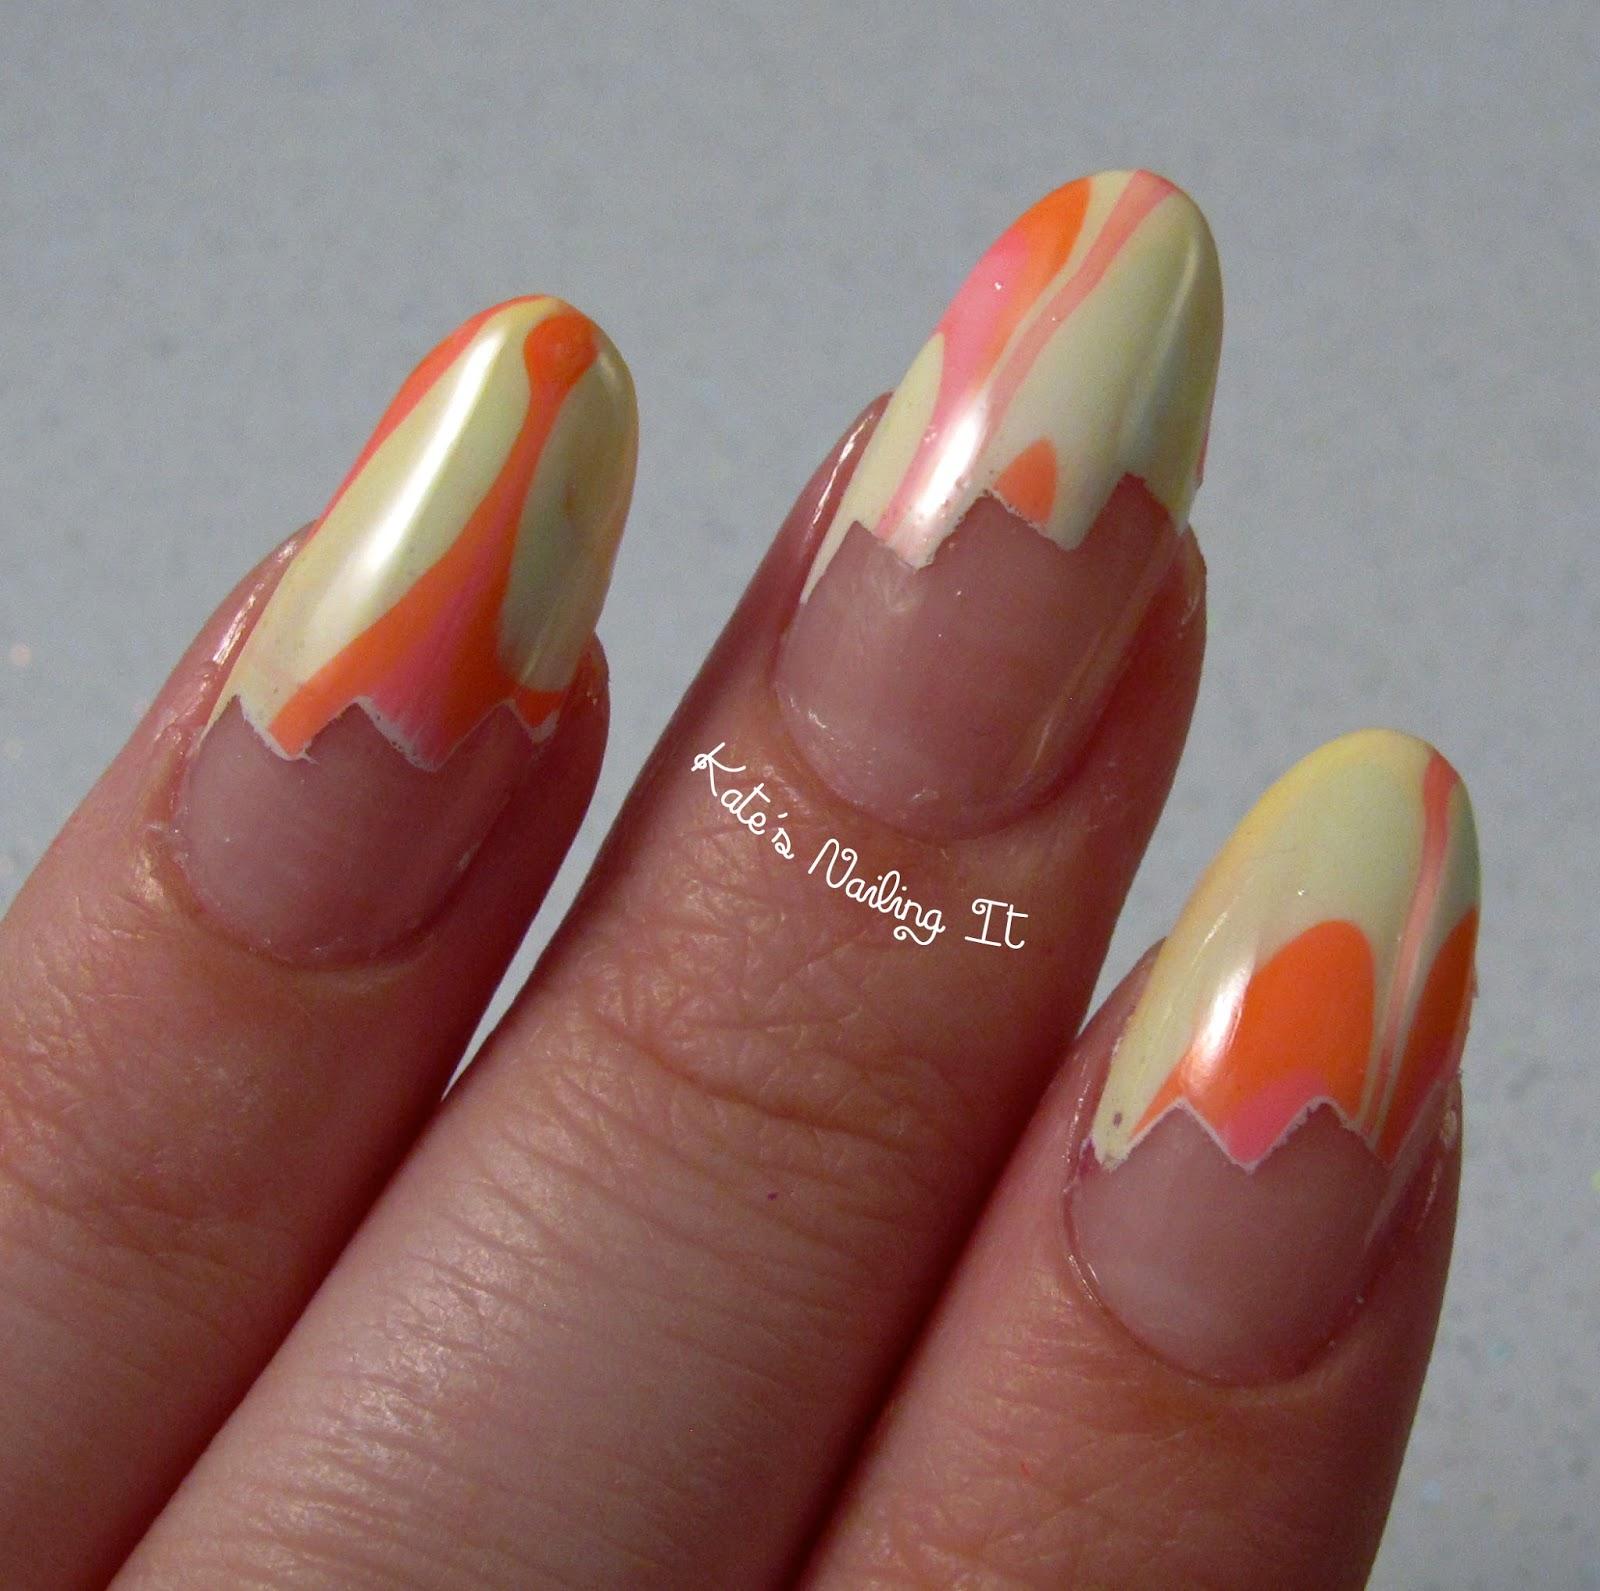 Nail Polish Used For Water Marble Nail Art Crossfithpu